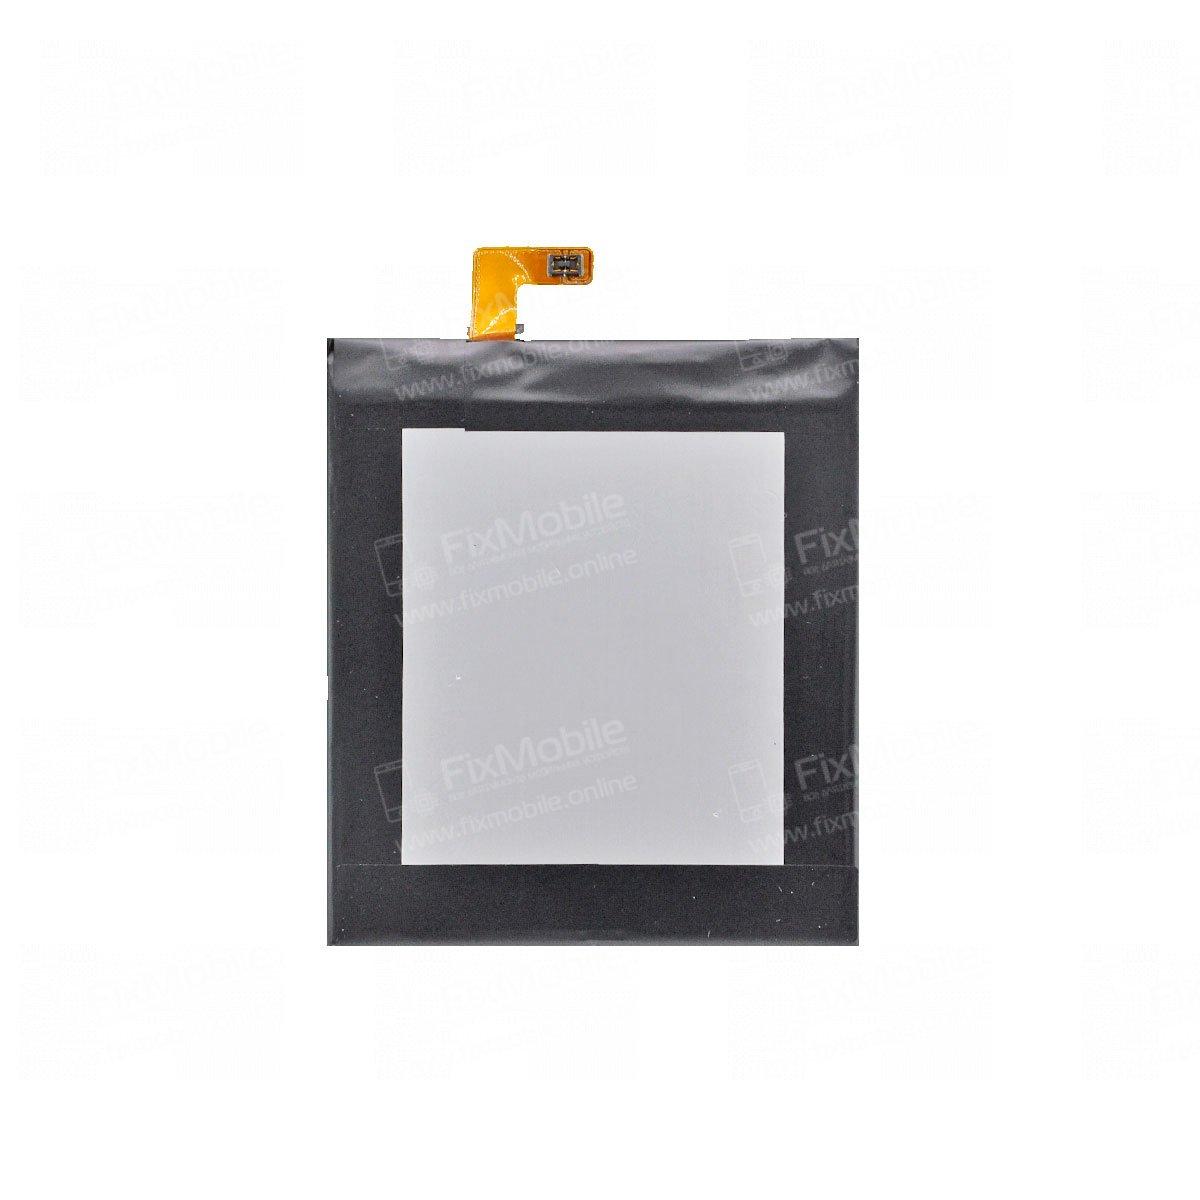 Аккумуляторная батарея для Sony Xperia C3 (D2533) LIS1546ERPC